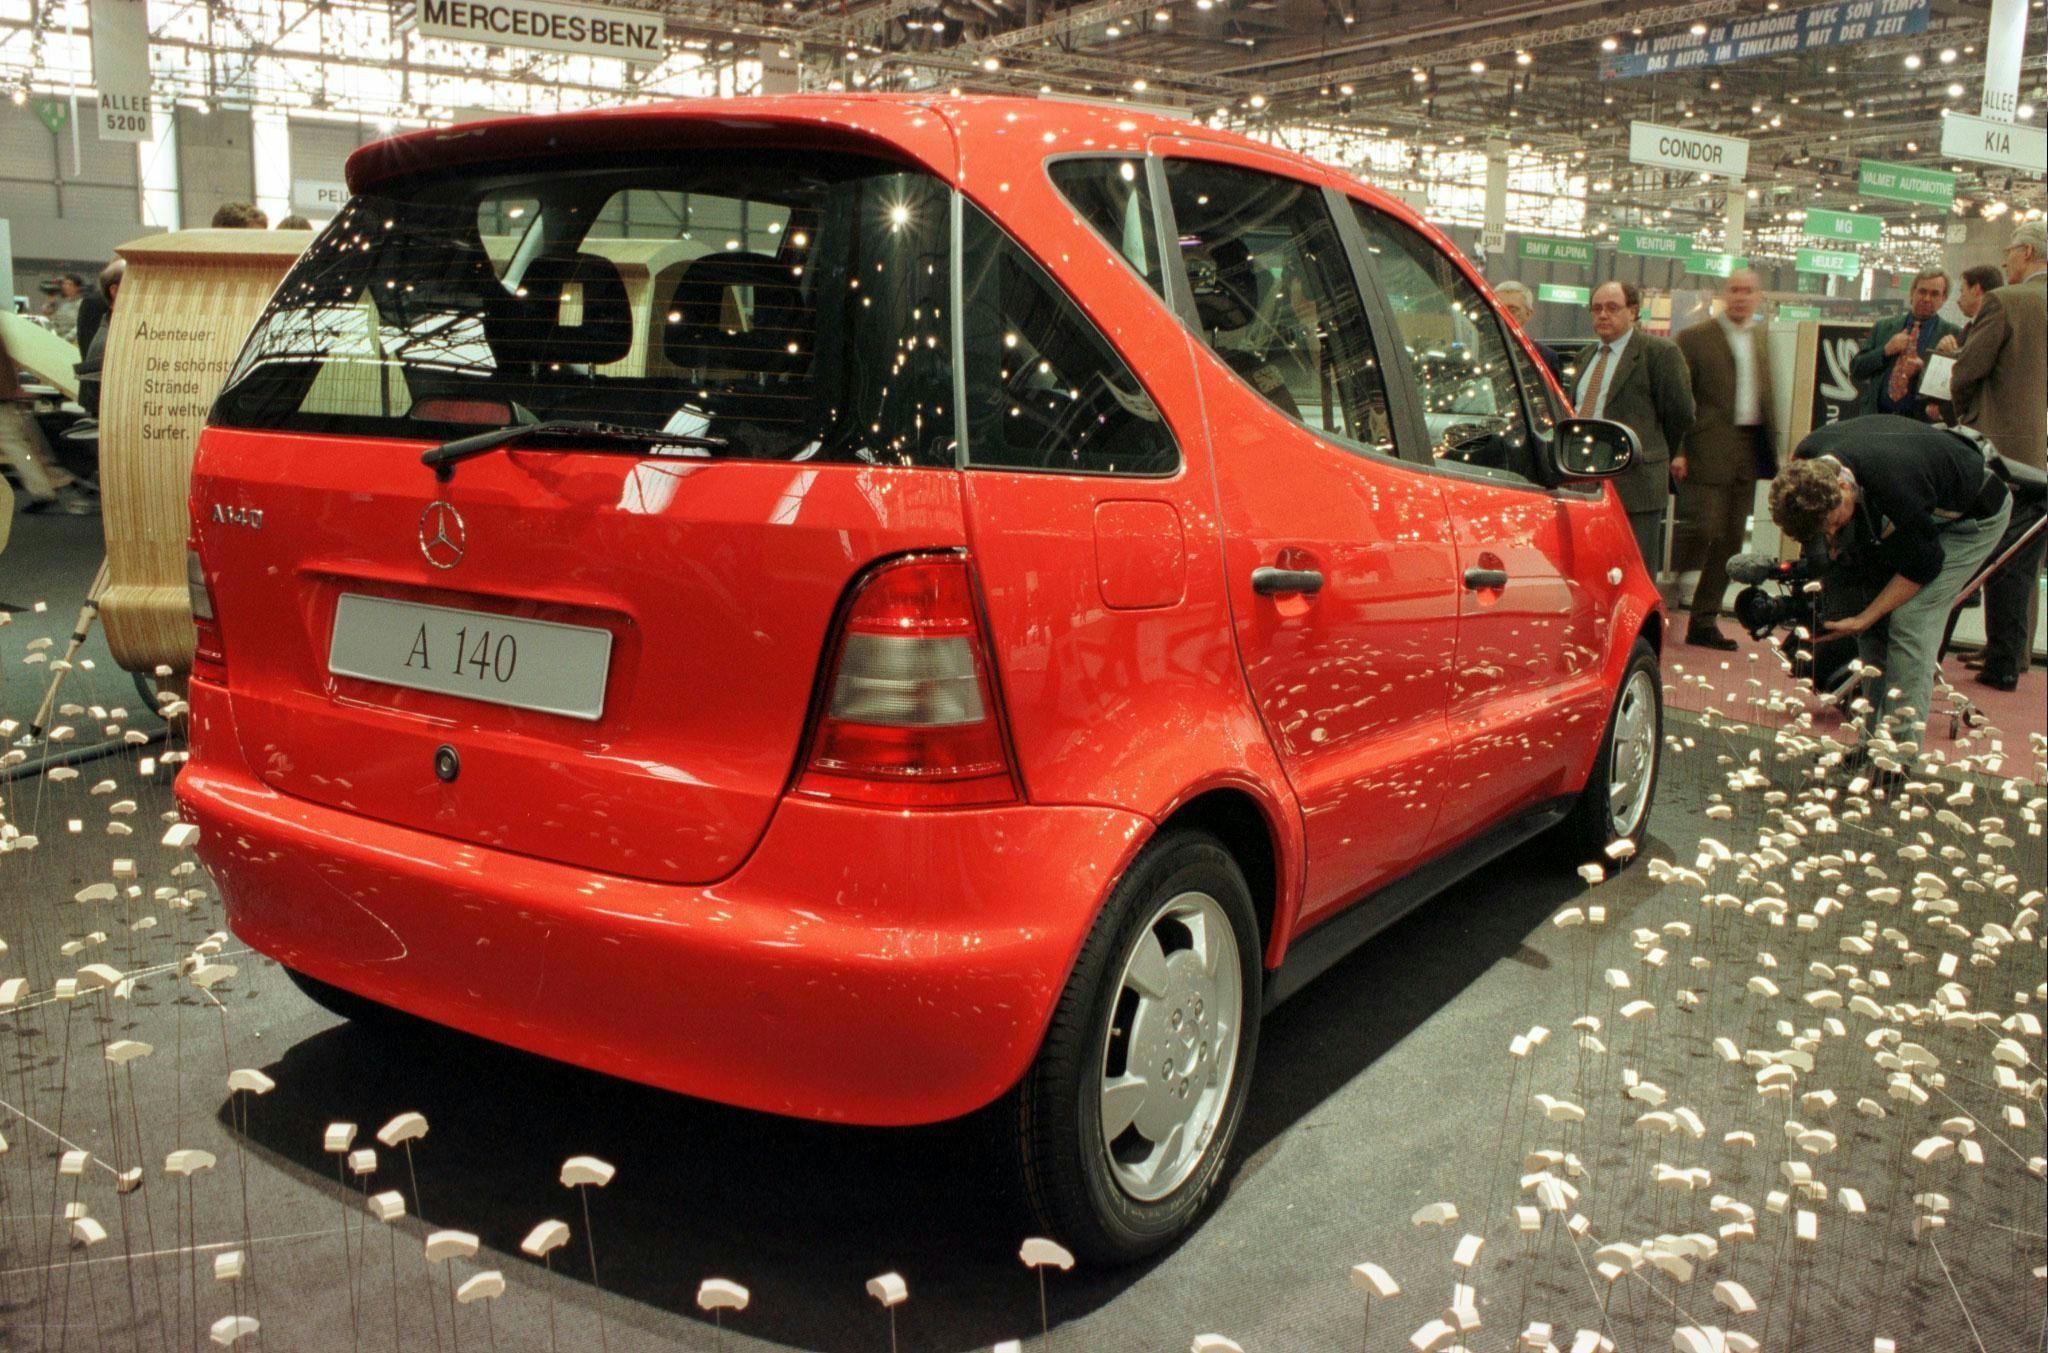 Le bonus-malus automobile consiste à taxer les voitures qui rejettent beaucoup de CO2 et avec l'argent ainsi récupéré à subventionner celles qui en rejettent peu.